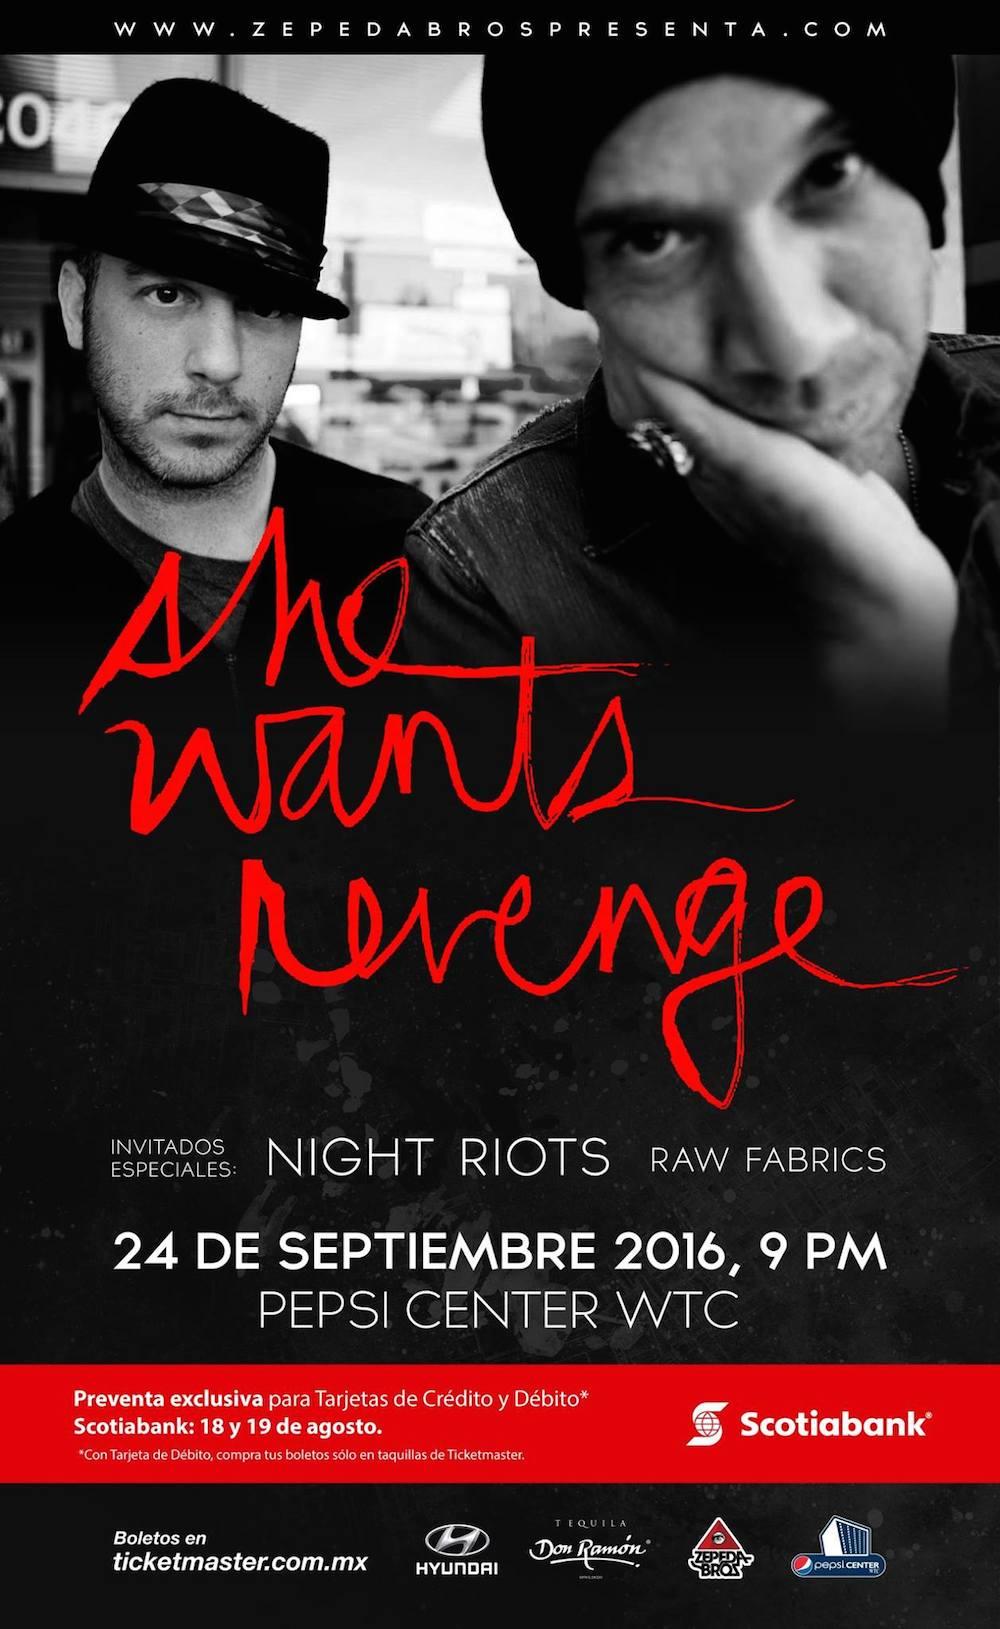 She_Wants_Revenge-Mexico_2016